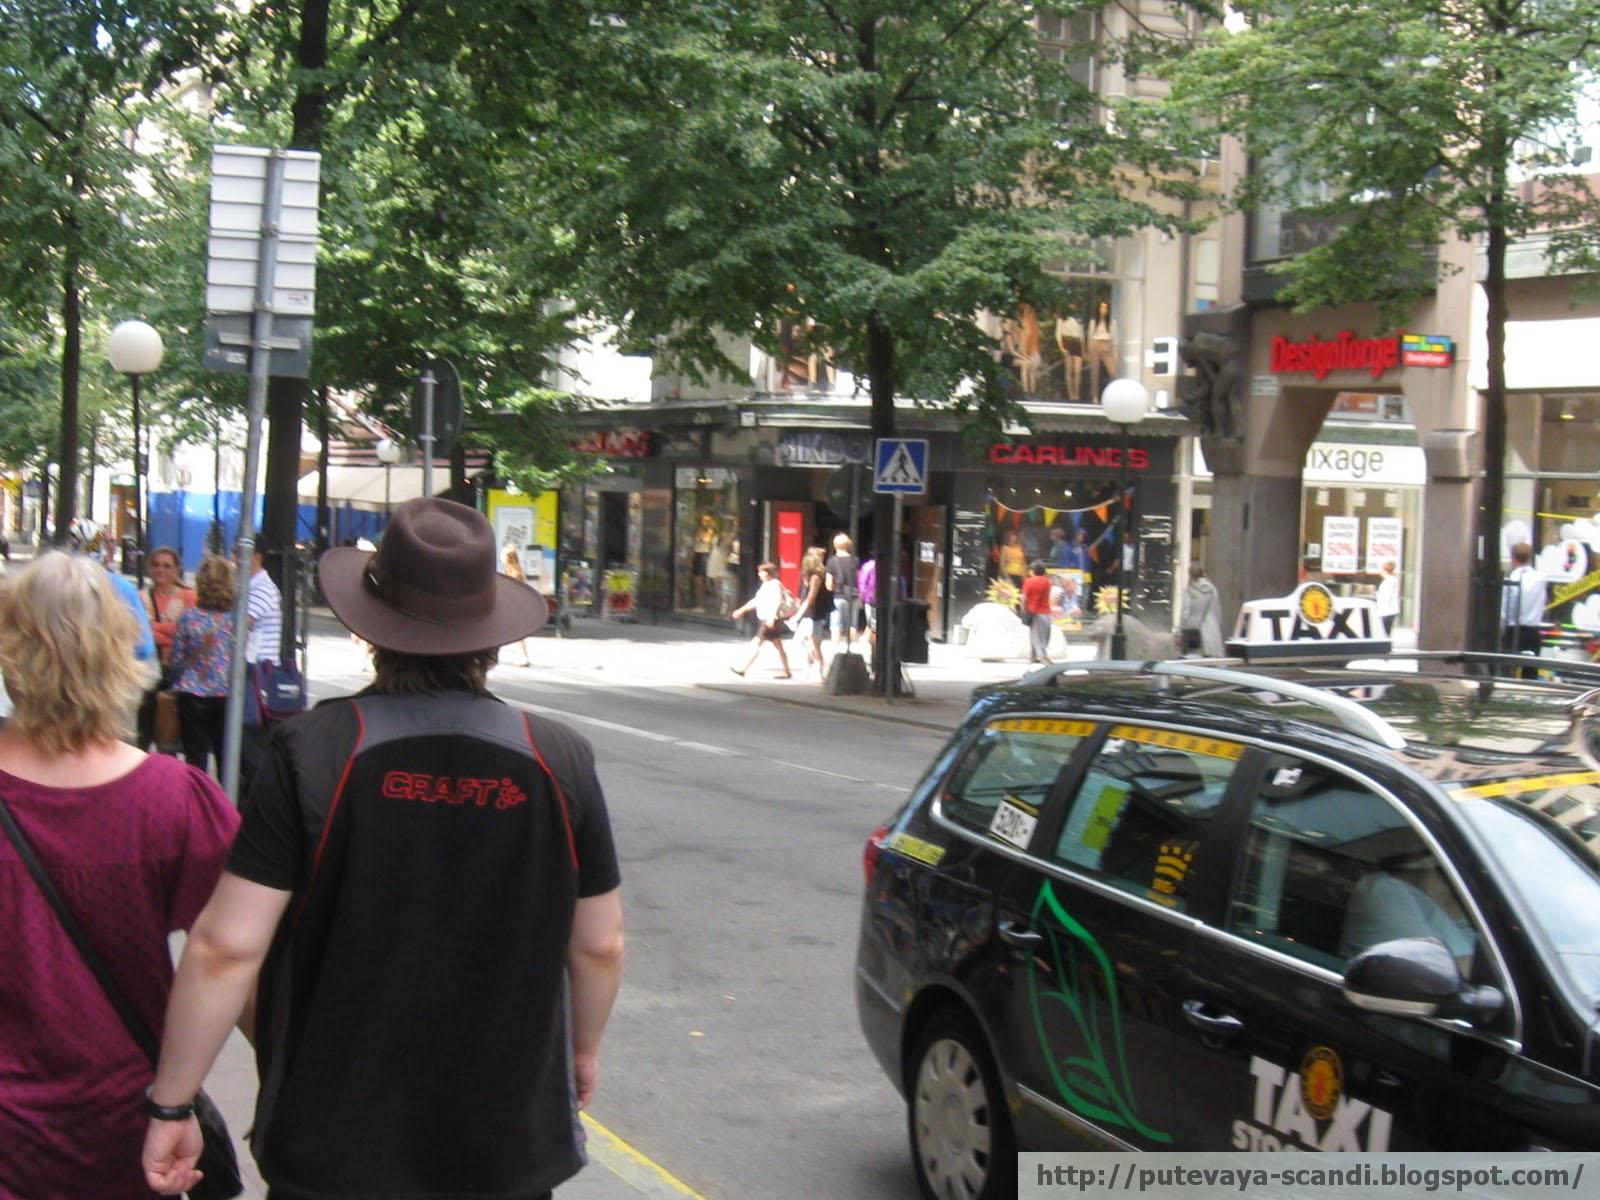 пешком или на такси?